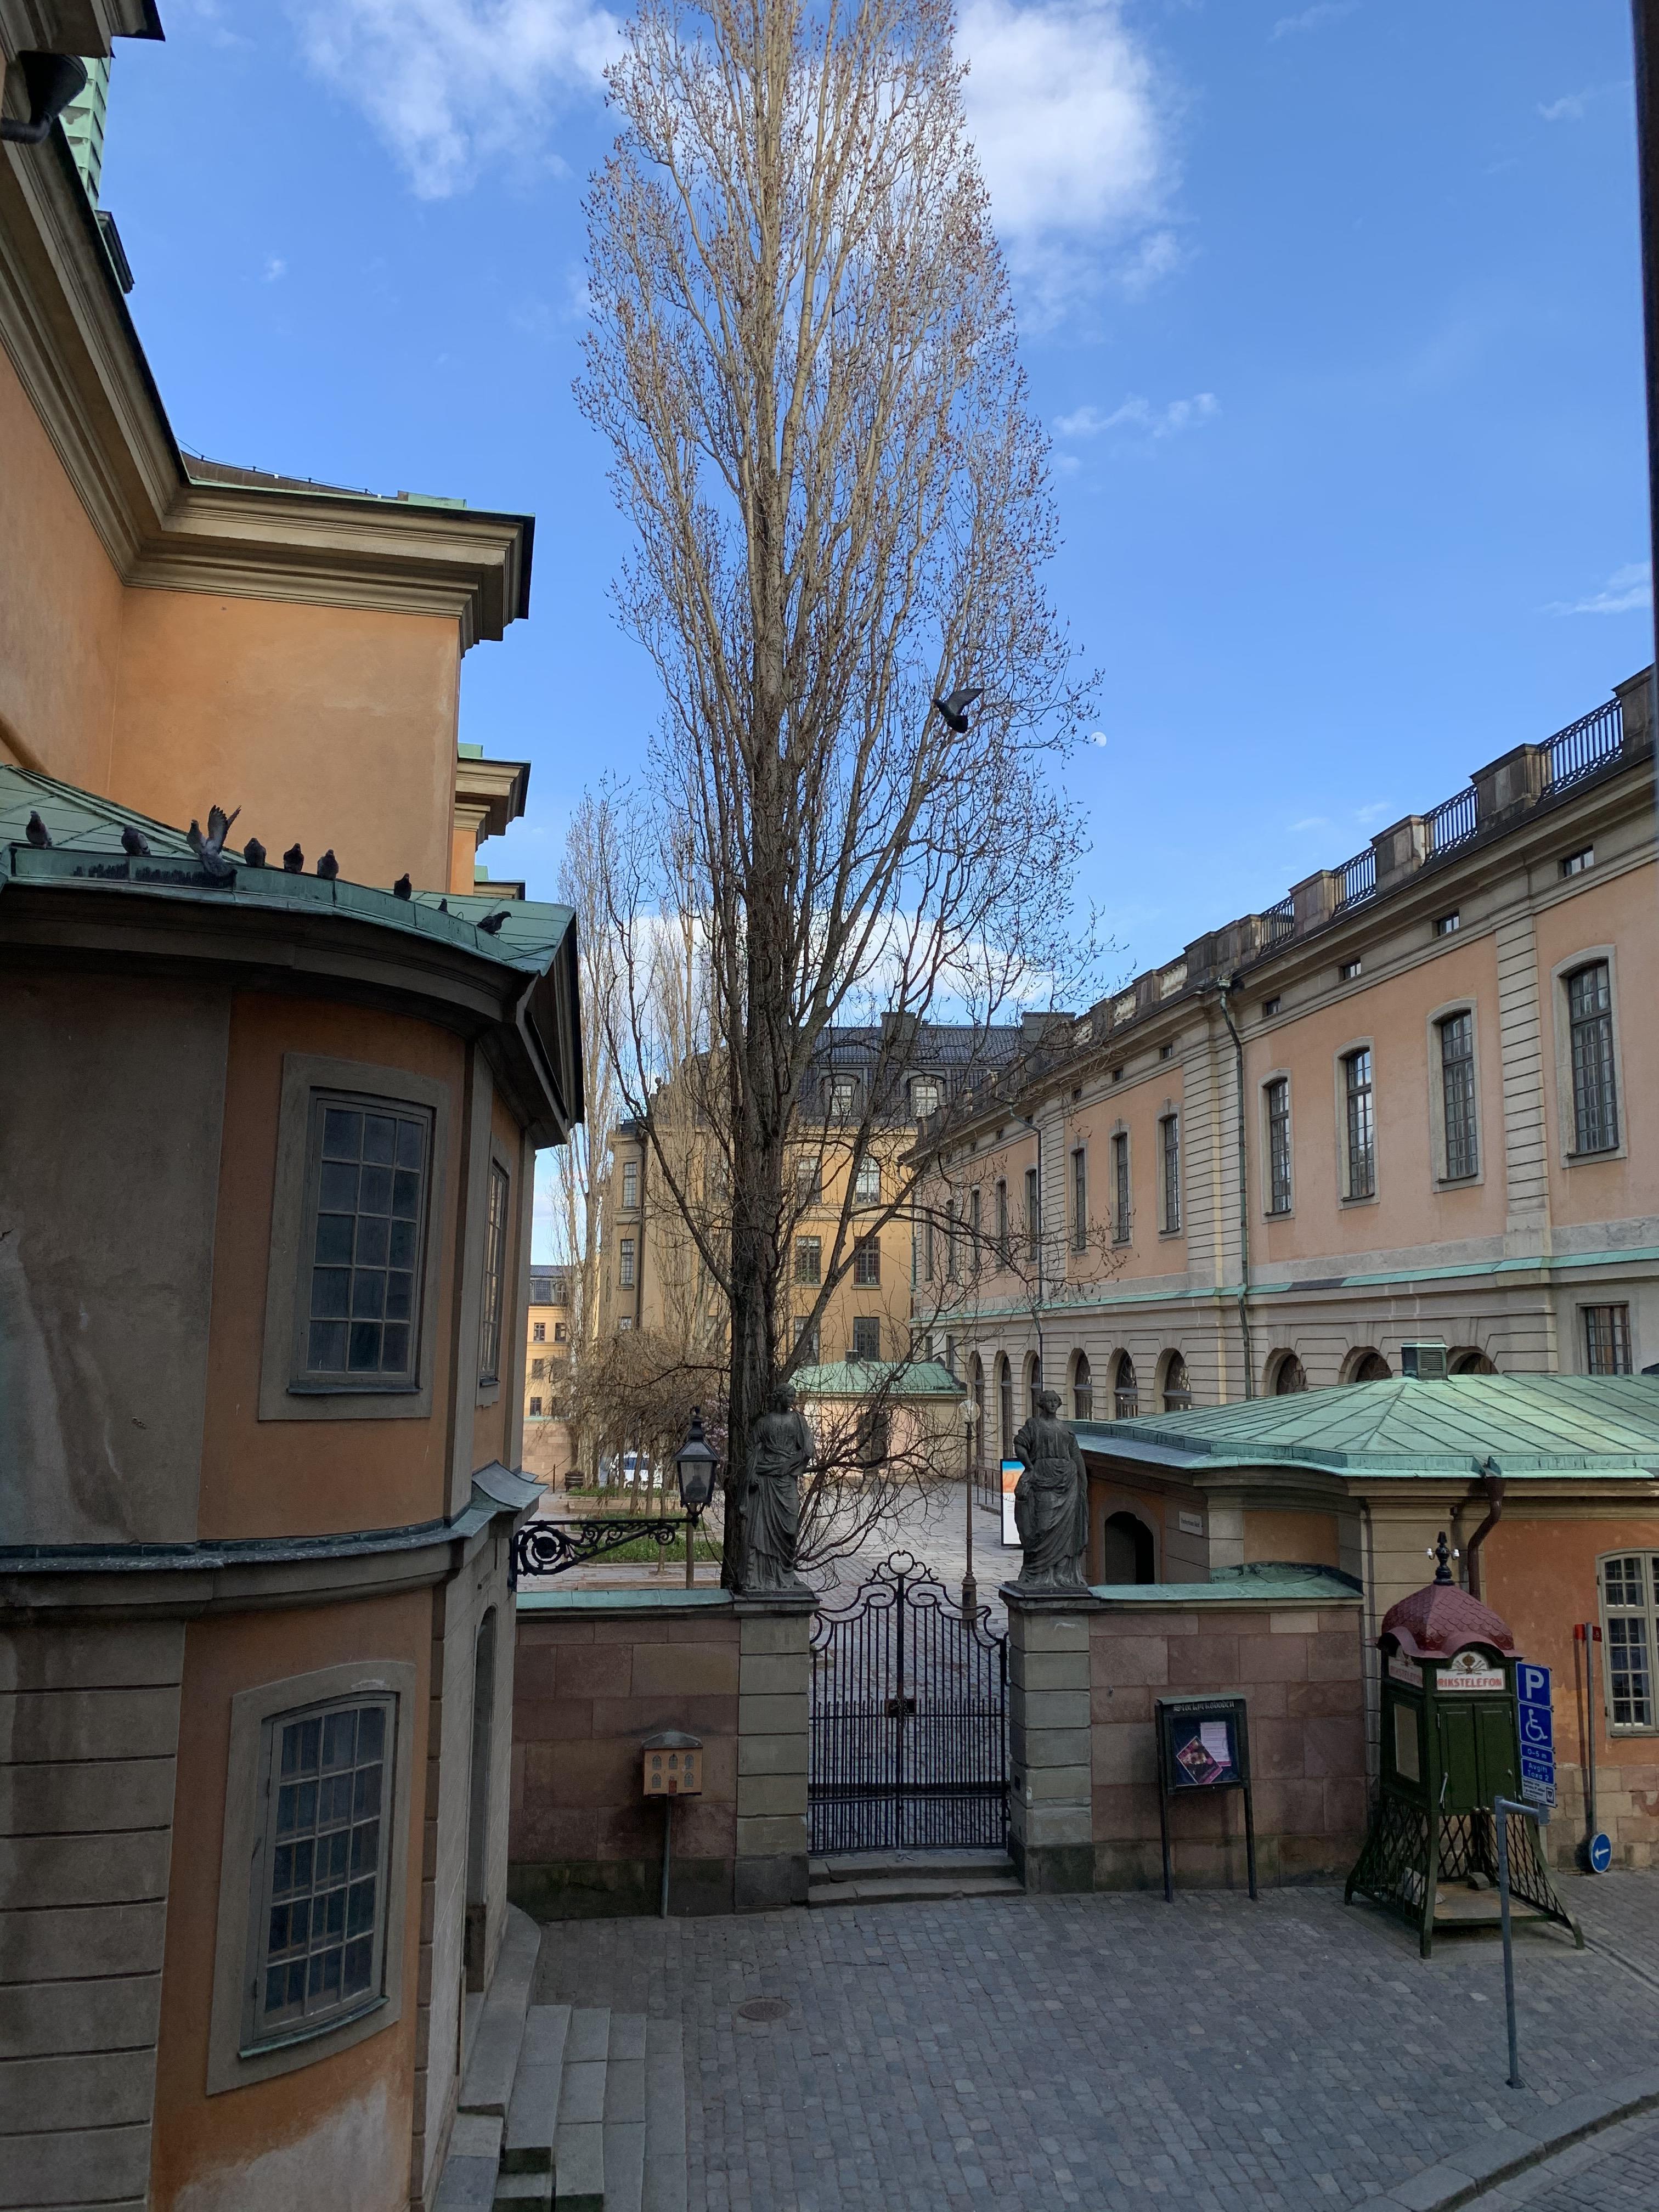 Yngre Kvinnor Aldre Man Knulla I Stockholm Bjrkekrr